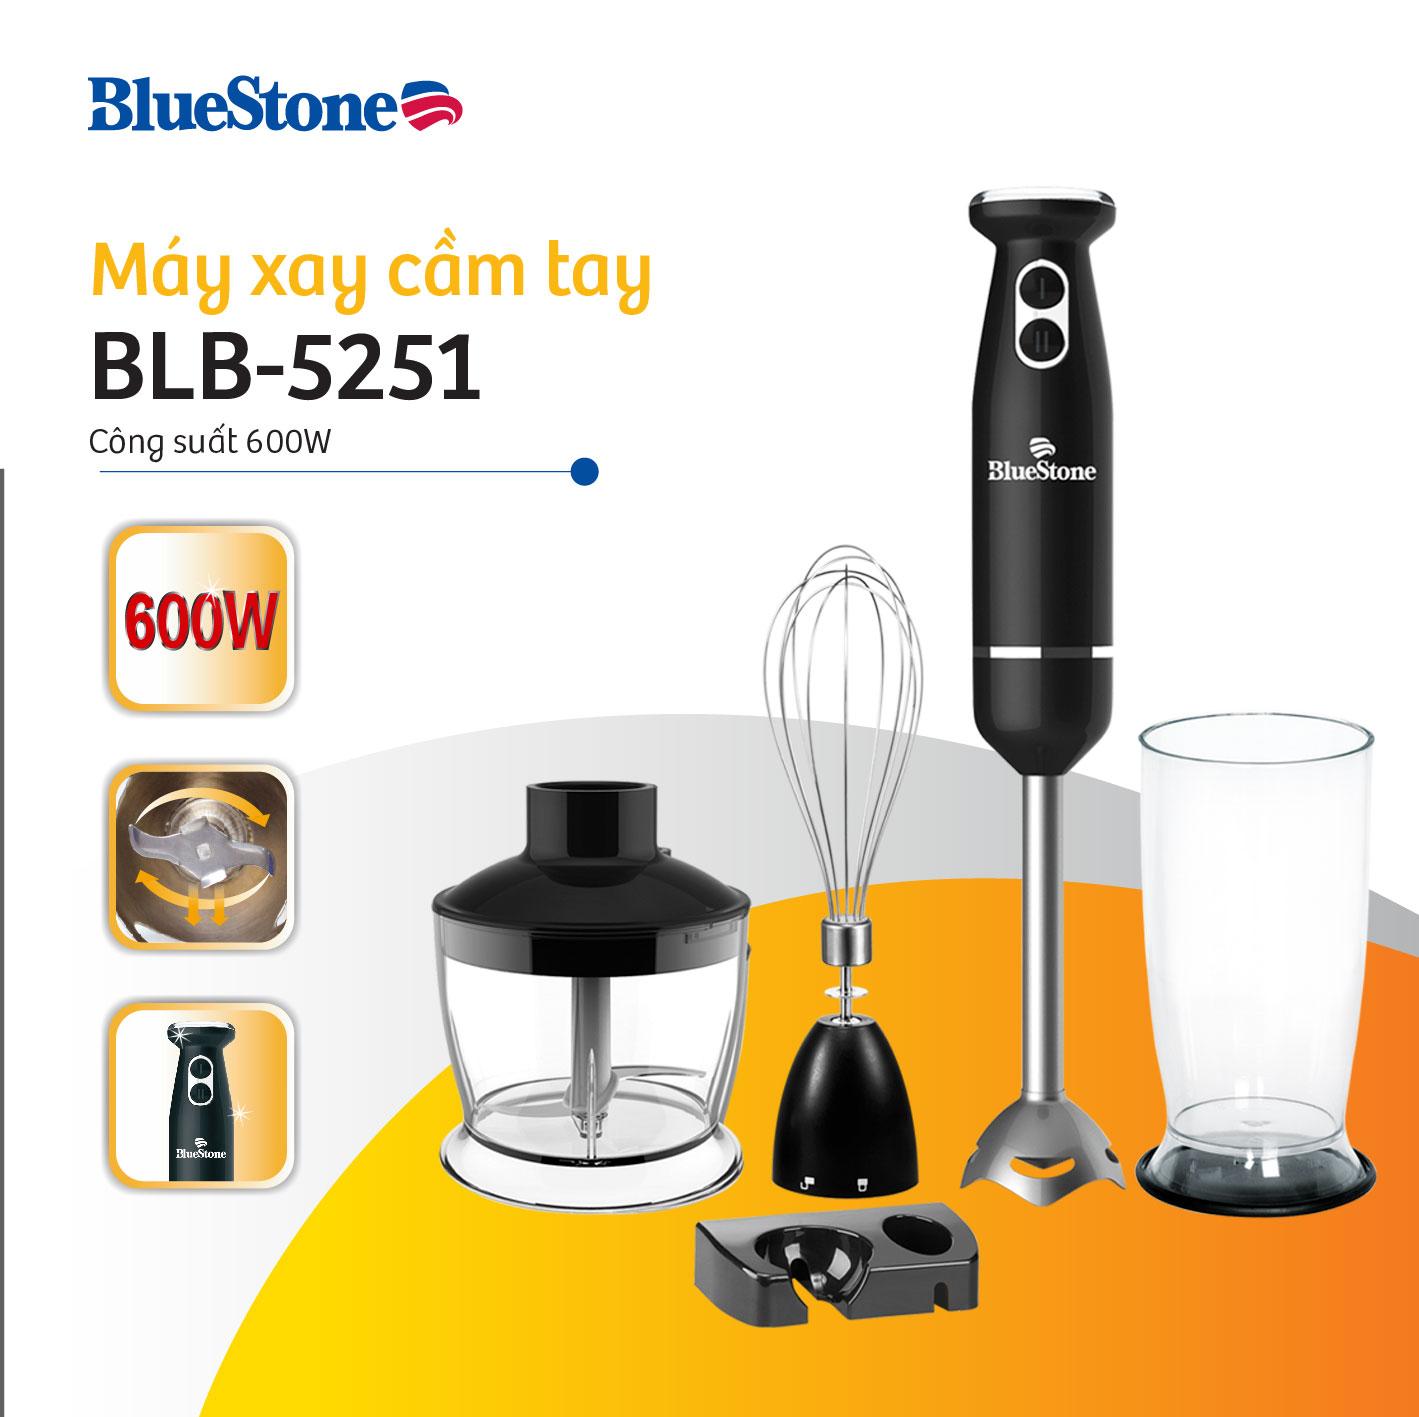 Máy xay cầm tay BlueStone BLB-5251 cao cấp công suất 600W, 2 tốc độ xay